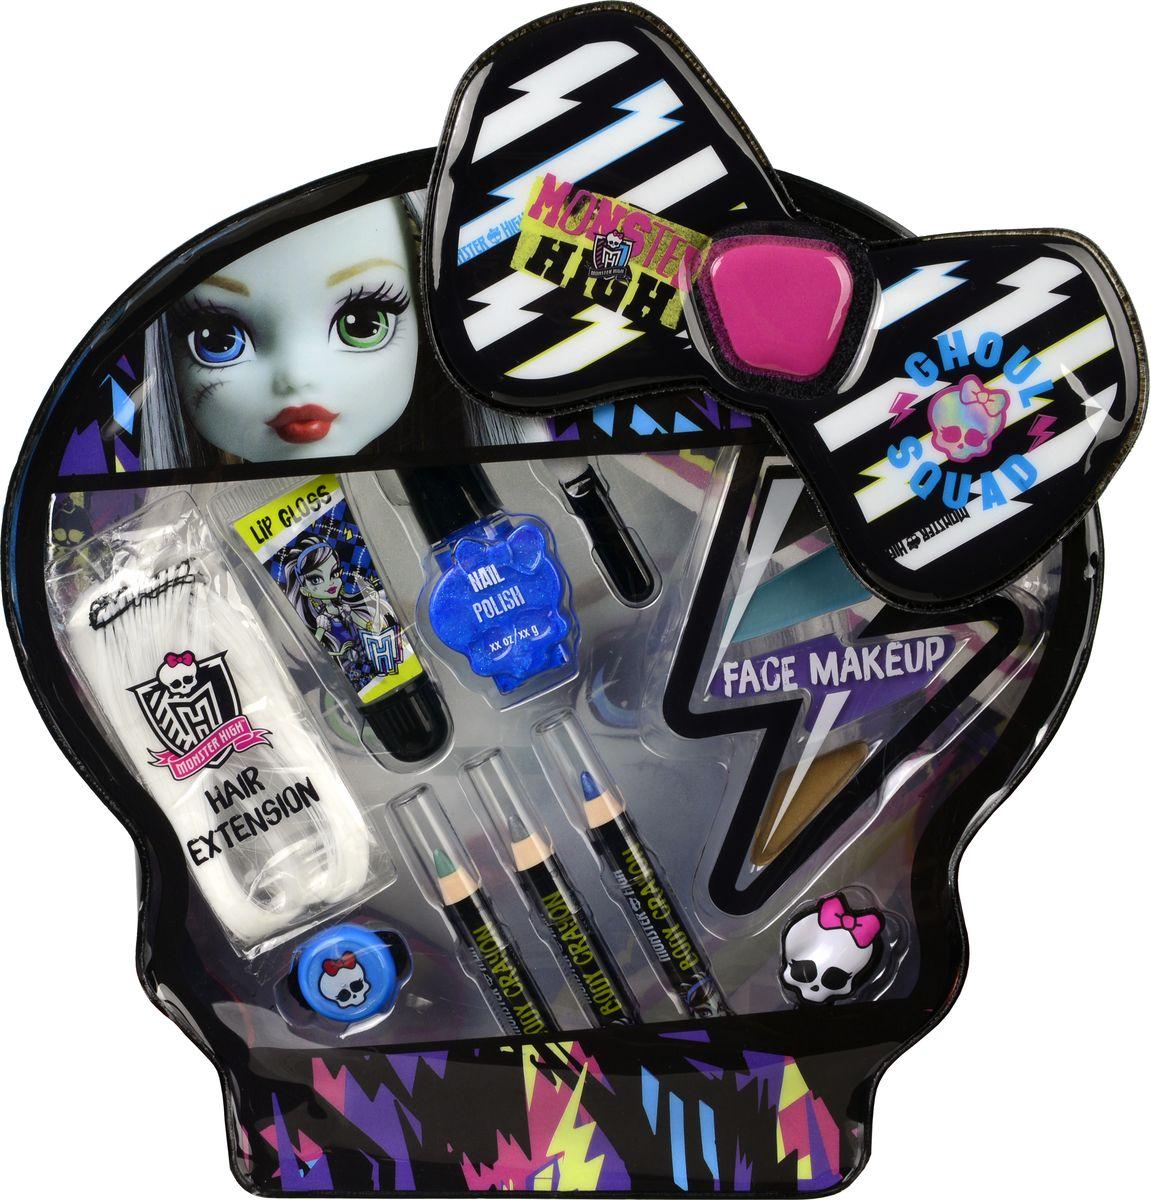 Markwins Игровой набор детской декоративной косметики Monster High Frankie 97061519706151Состав набора: цветная прядь искусственных волос 1 шт., блеск для губ в тубе 1 шт., лак для ногтей на водной основе 1 шт., косметические карандаши 3 шт., палитра кремовых теней для век из 4 оттенков, аппликатор 1 шт., резинка для волос 1 шт., заколочка для волос 1 шт.